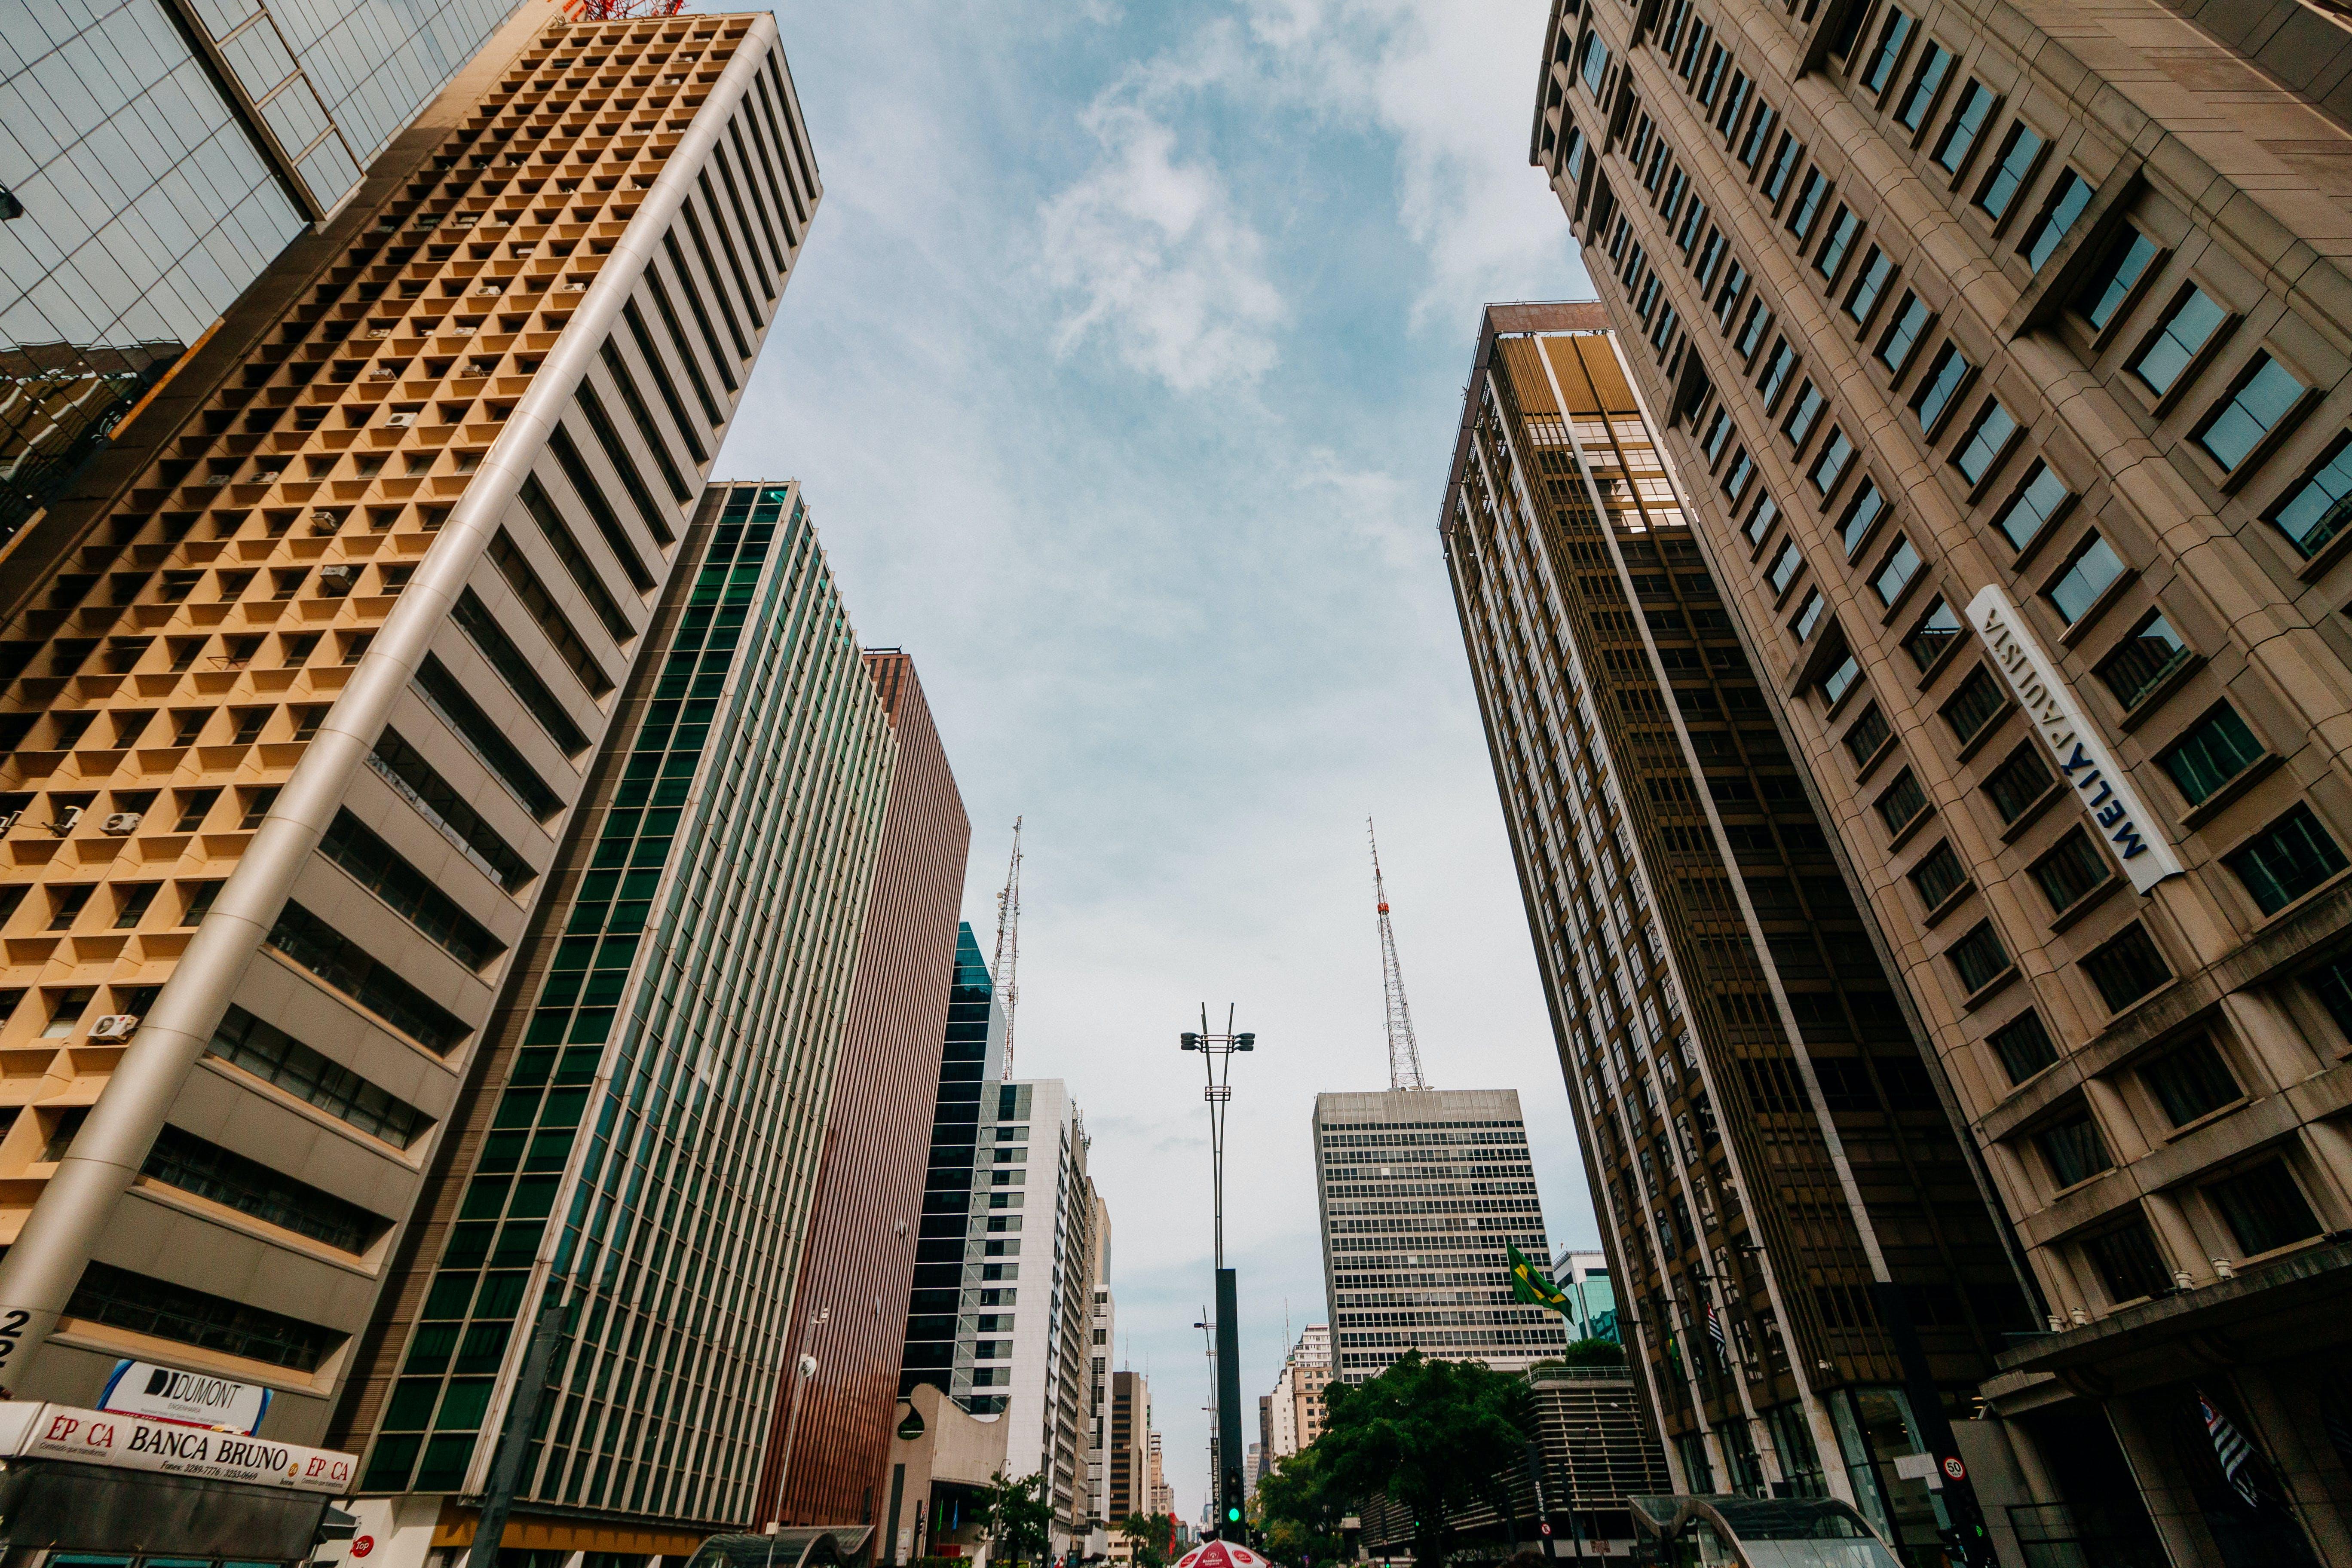 Δωρεάν στοκ φωτογραφιών με αρχιτεκτονική, αστικός, κέντρο πόλης, κτήρια